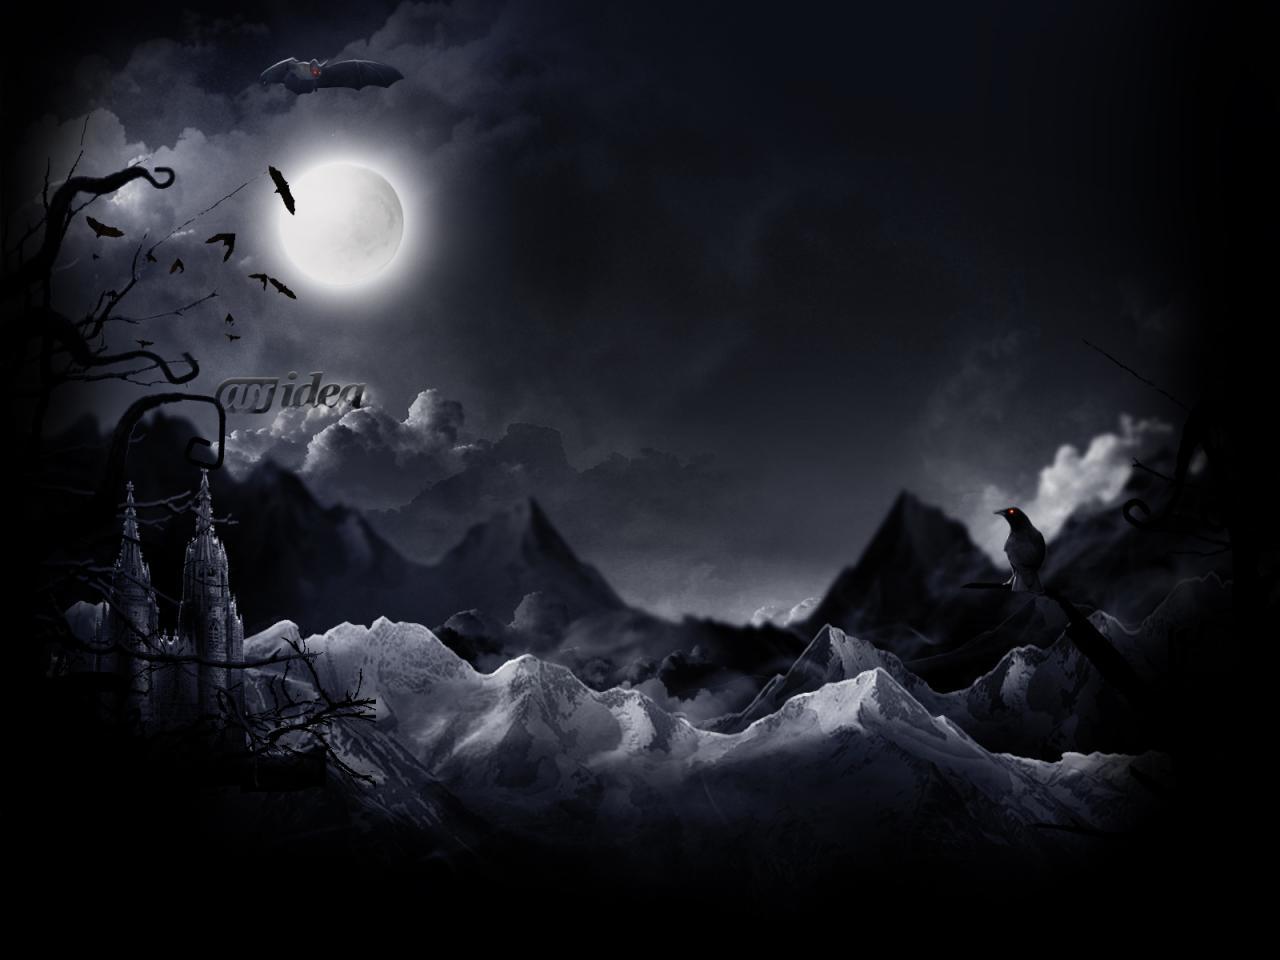 صورة صور خياليه حزينه , رمزيات رائعه عن عالم الخيال 441 3